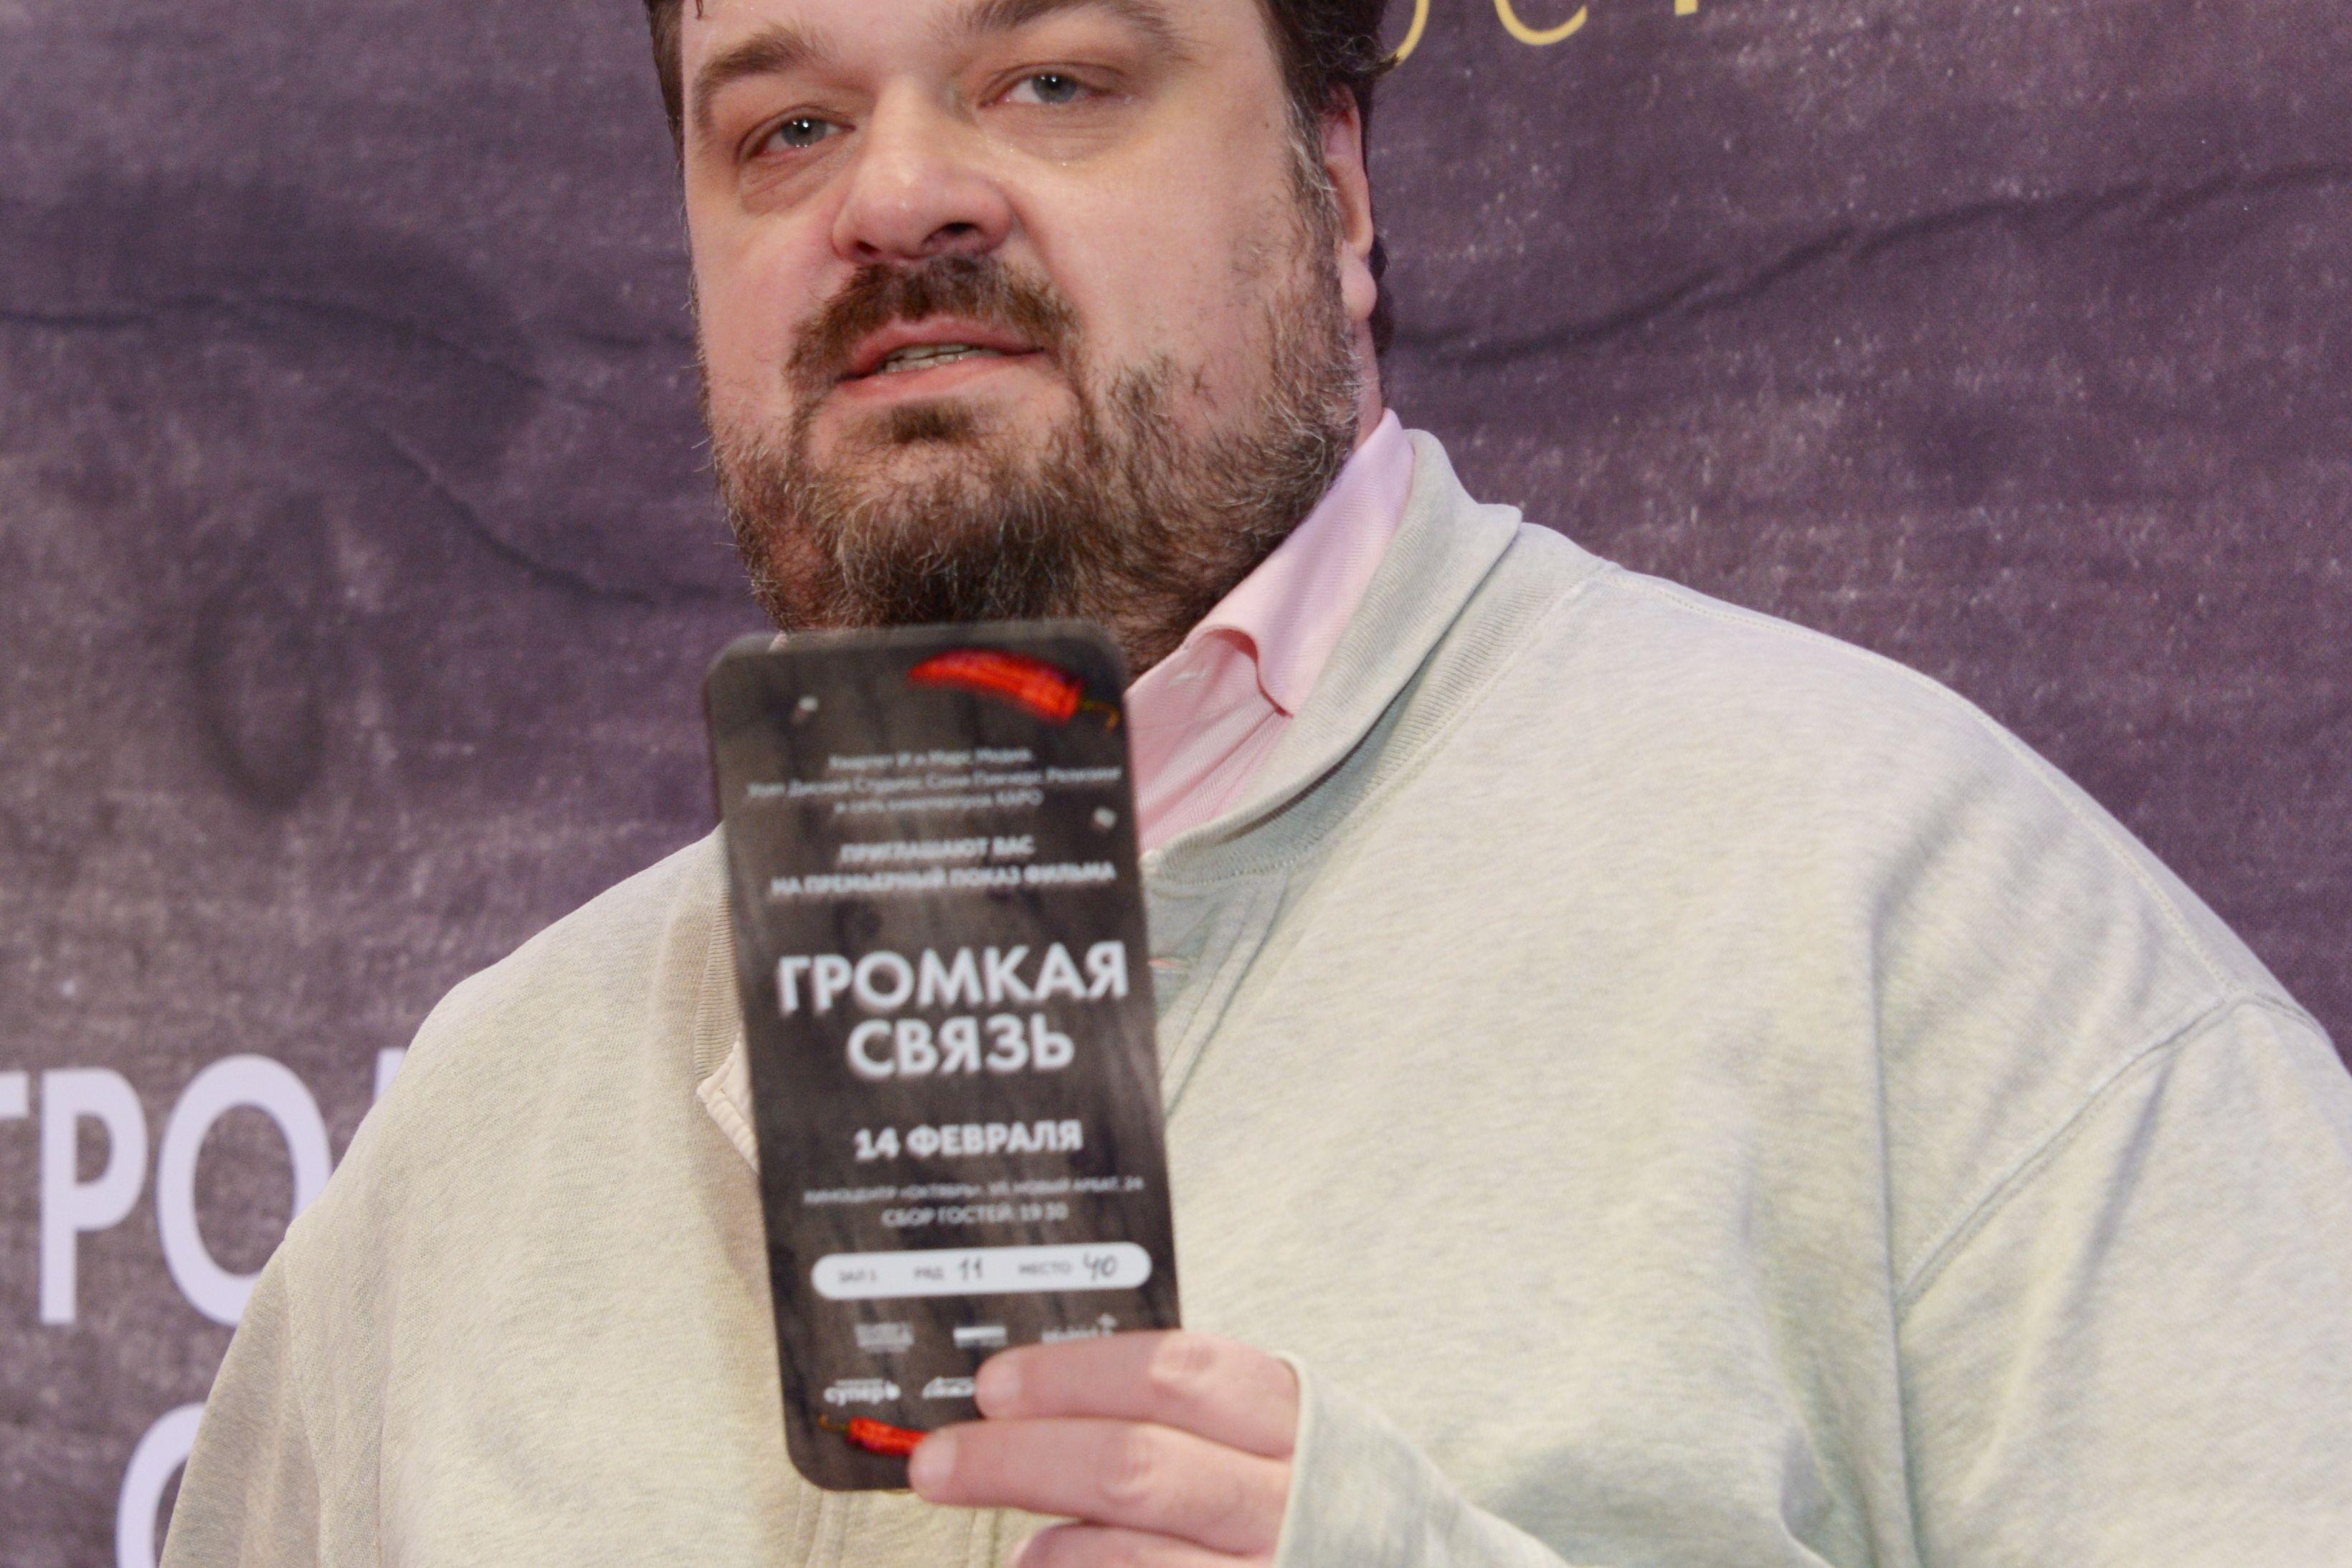 Уткин: 'Максимально органично Кокорин смотрелся только в тюрьме'